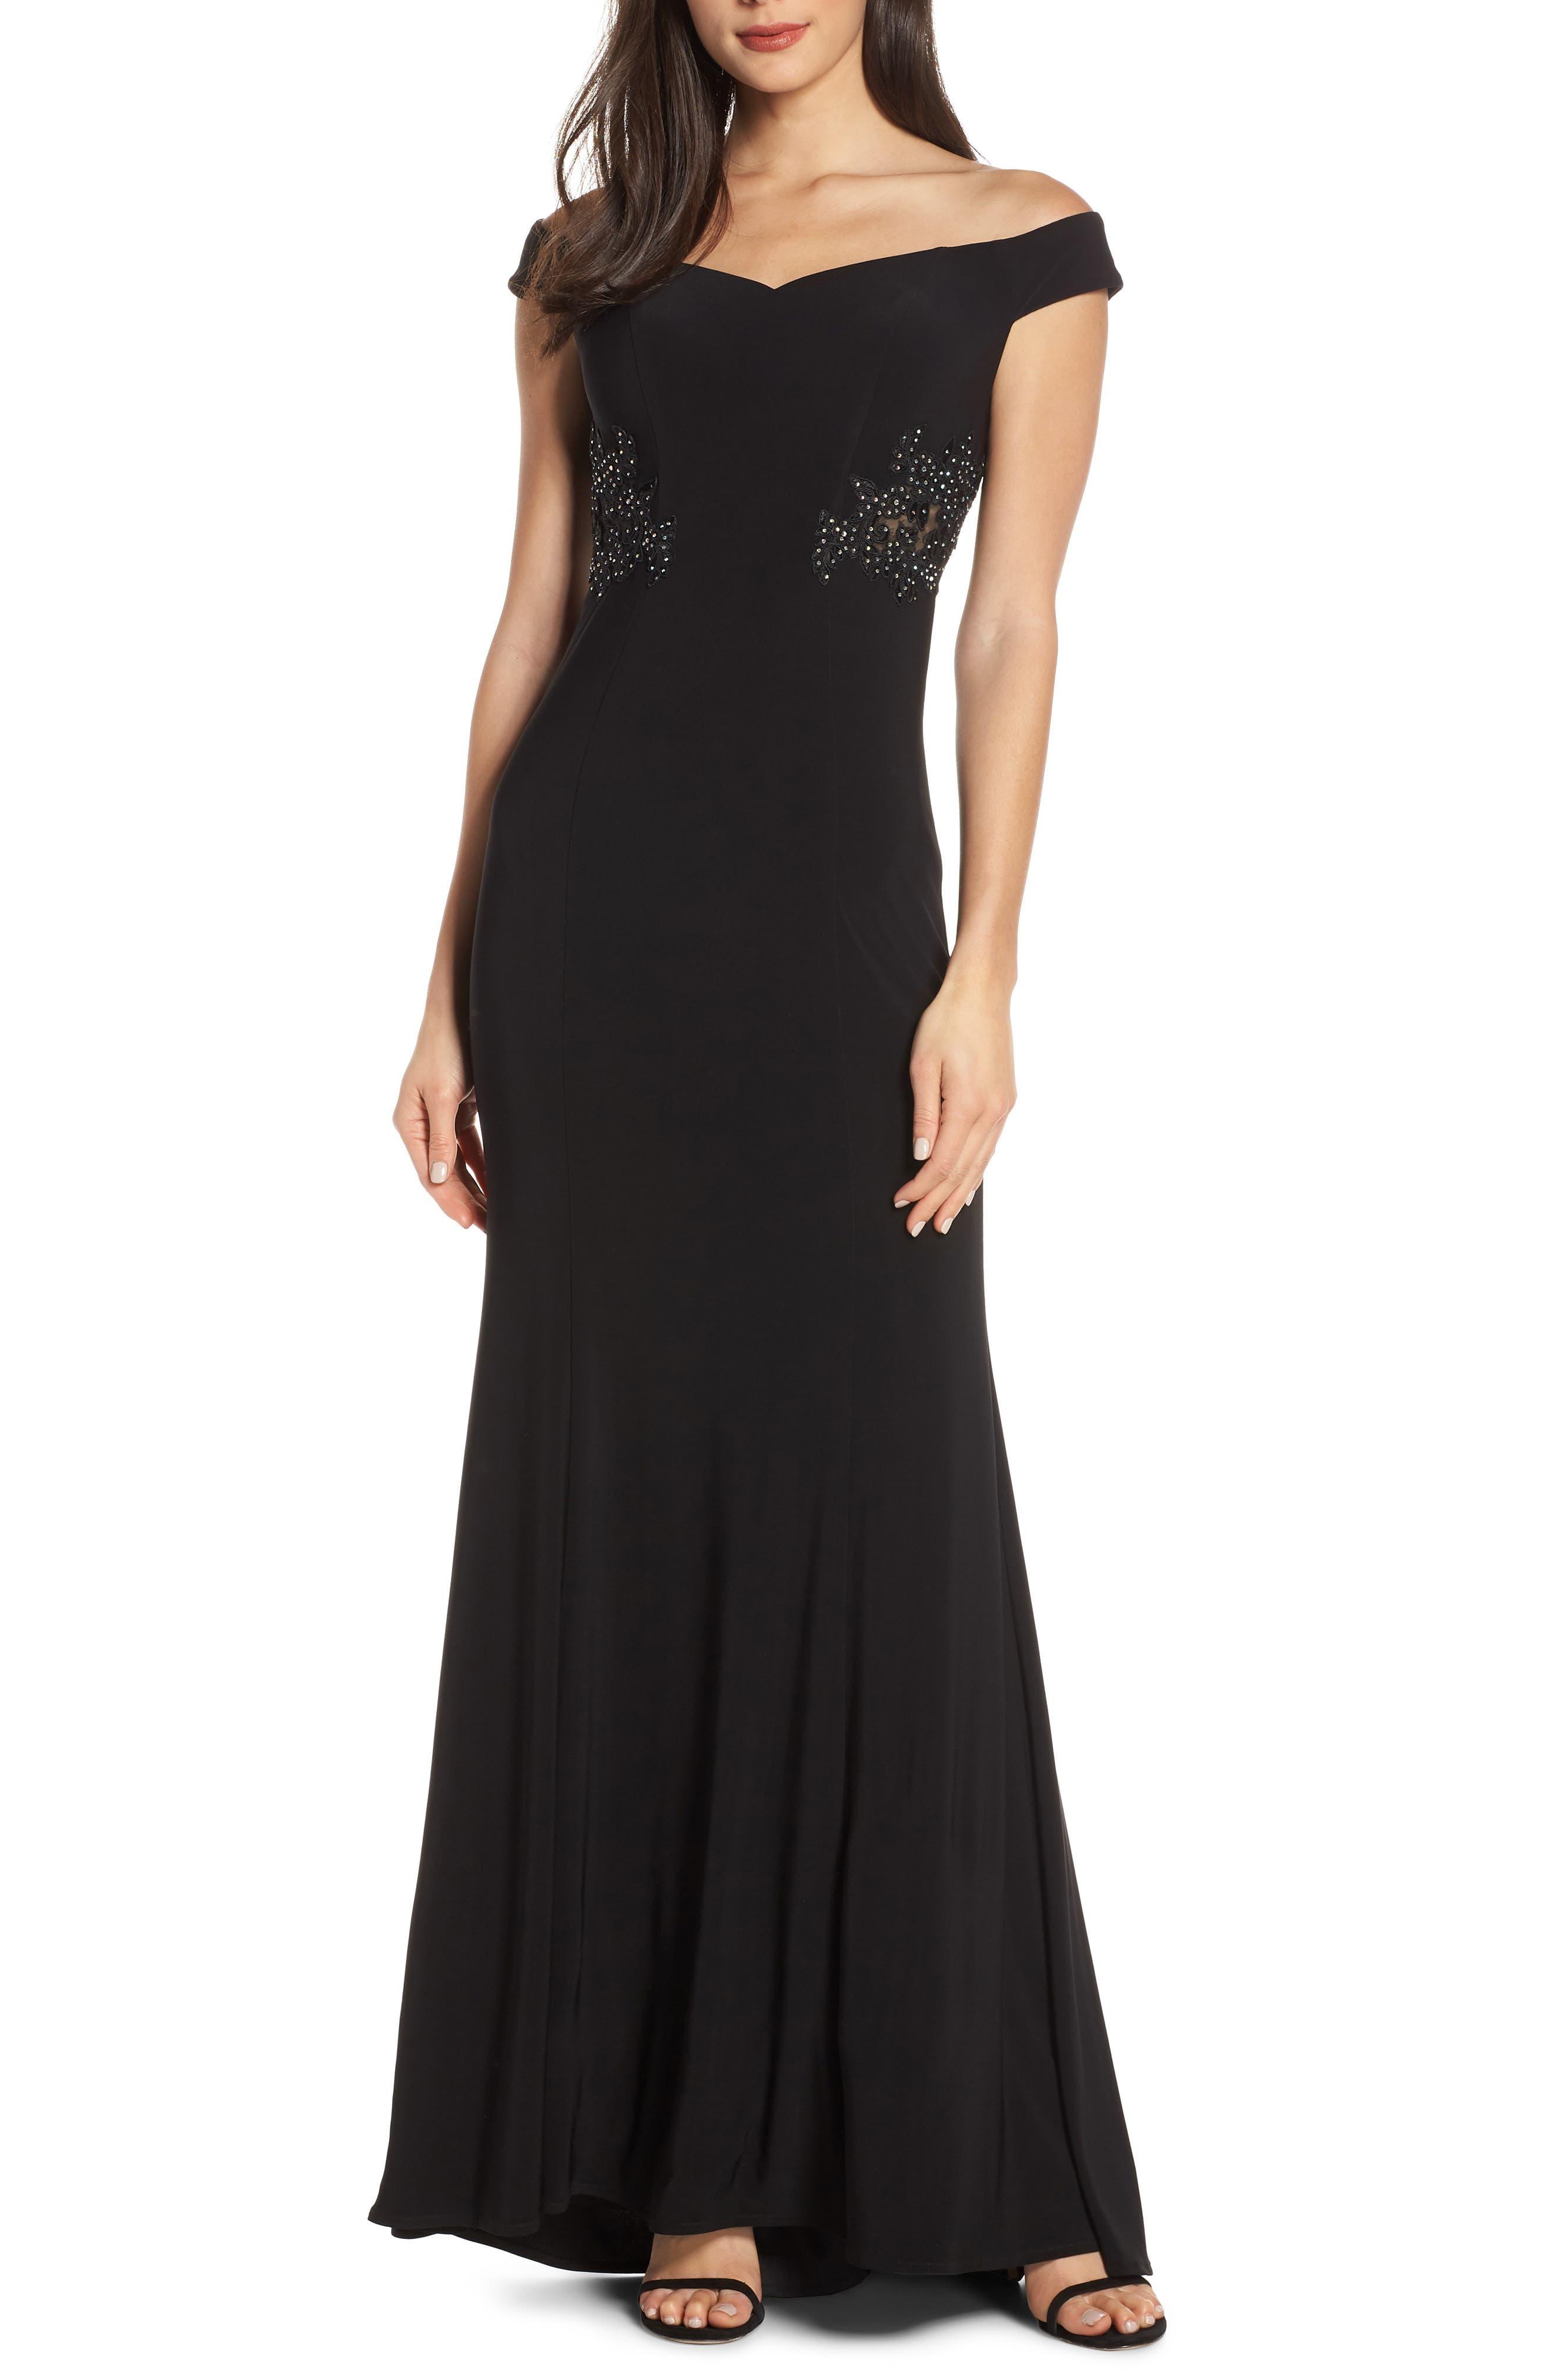 Blondie Nites Off The Shoulder Embellished Waist Evening Dress, Black